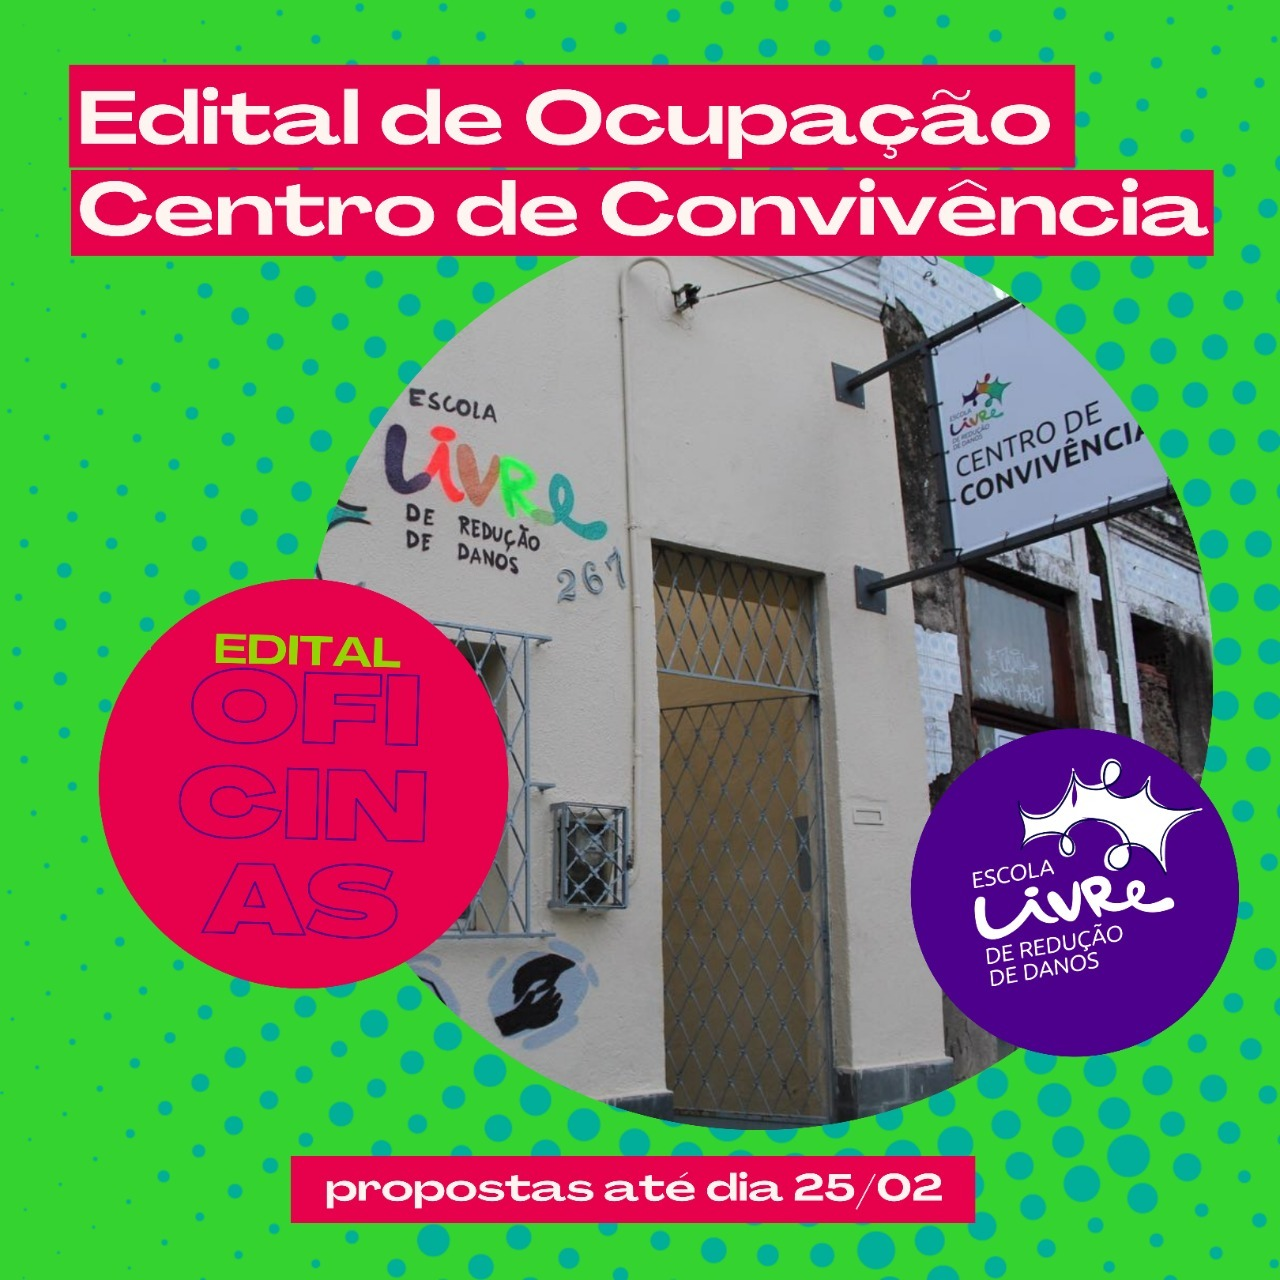 Edital de Ocupação Centro de Convivência